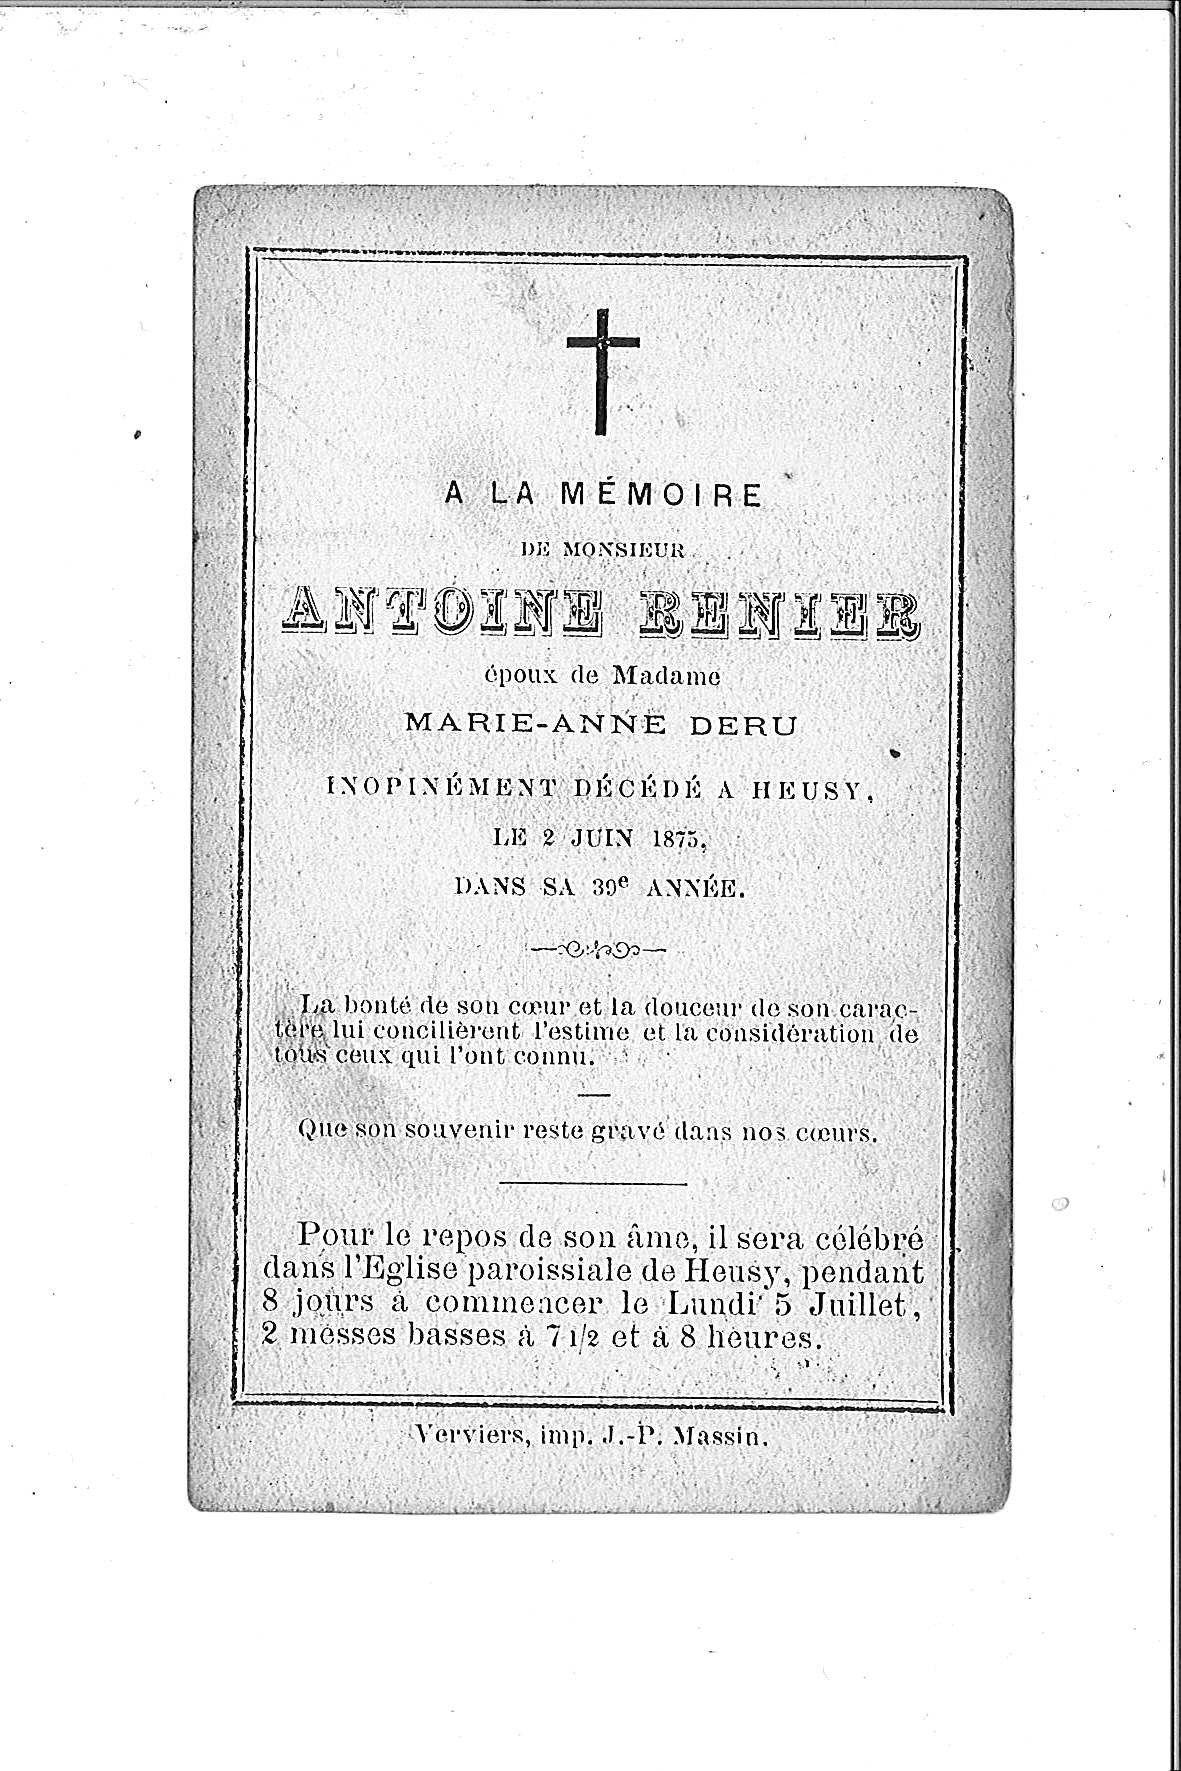 Antoine(1875)20141028162717_00019.jpg